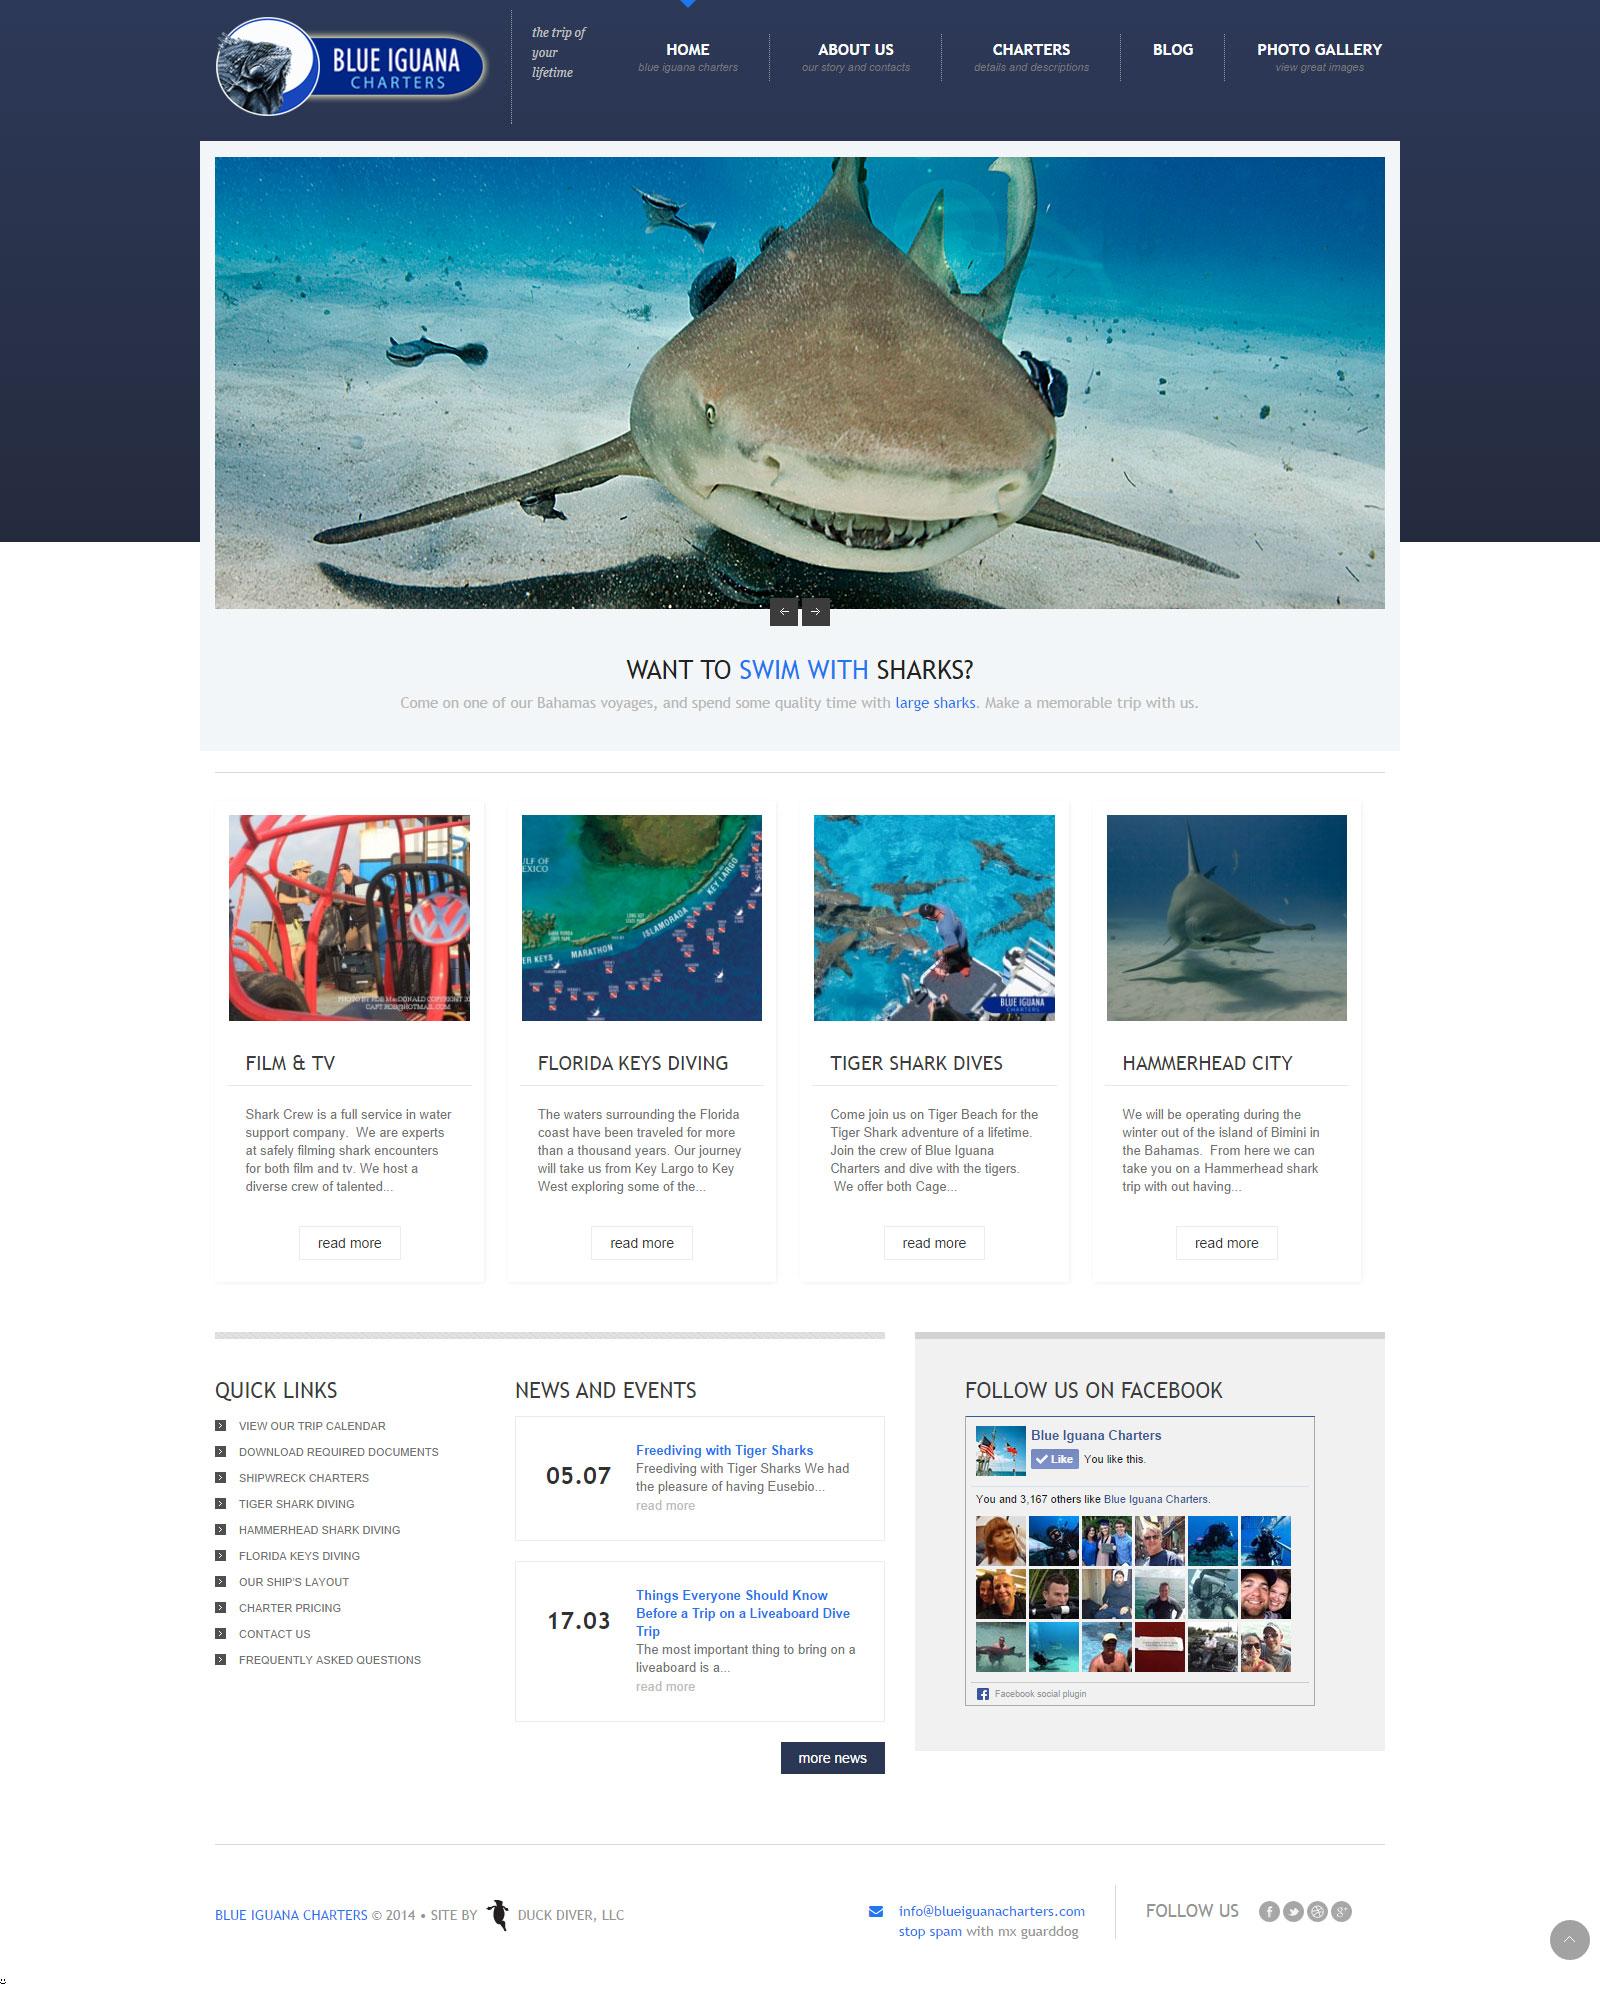 Blue Iguana Charters